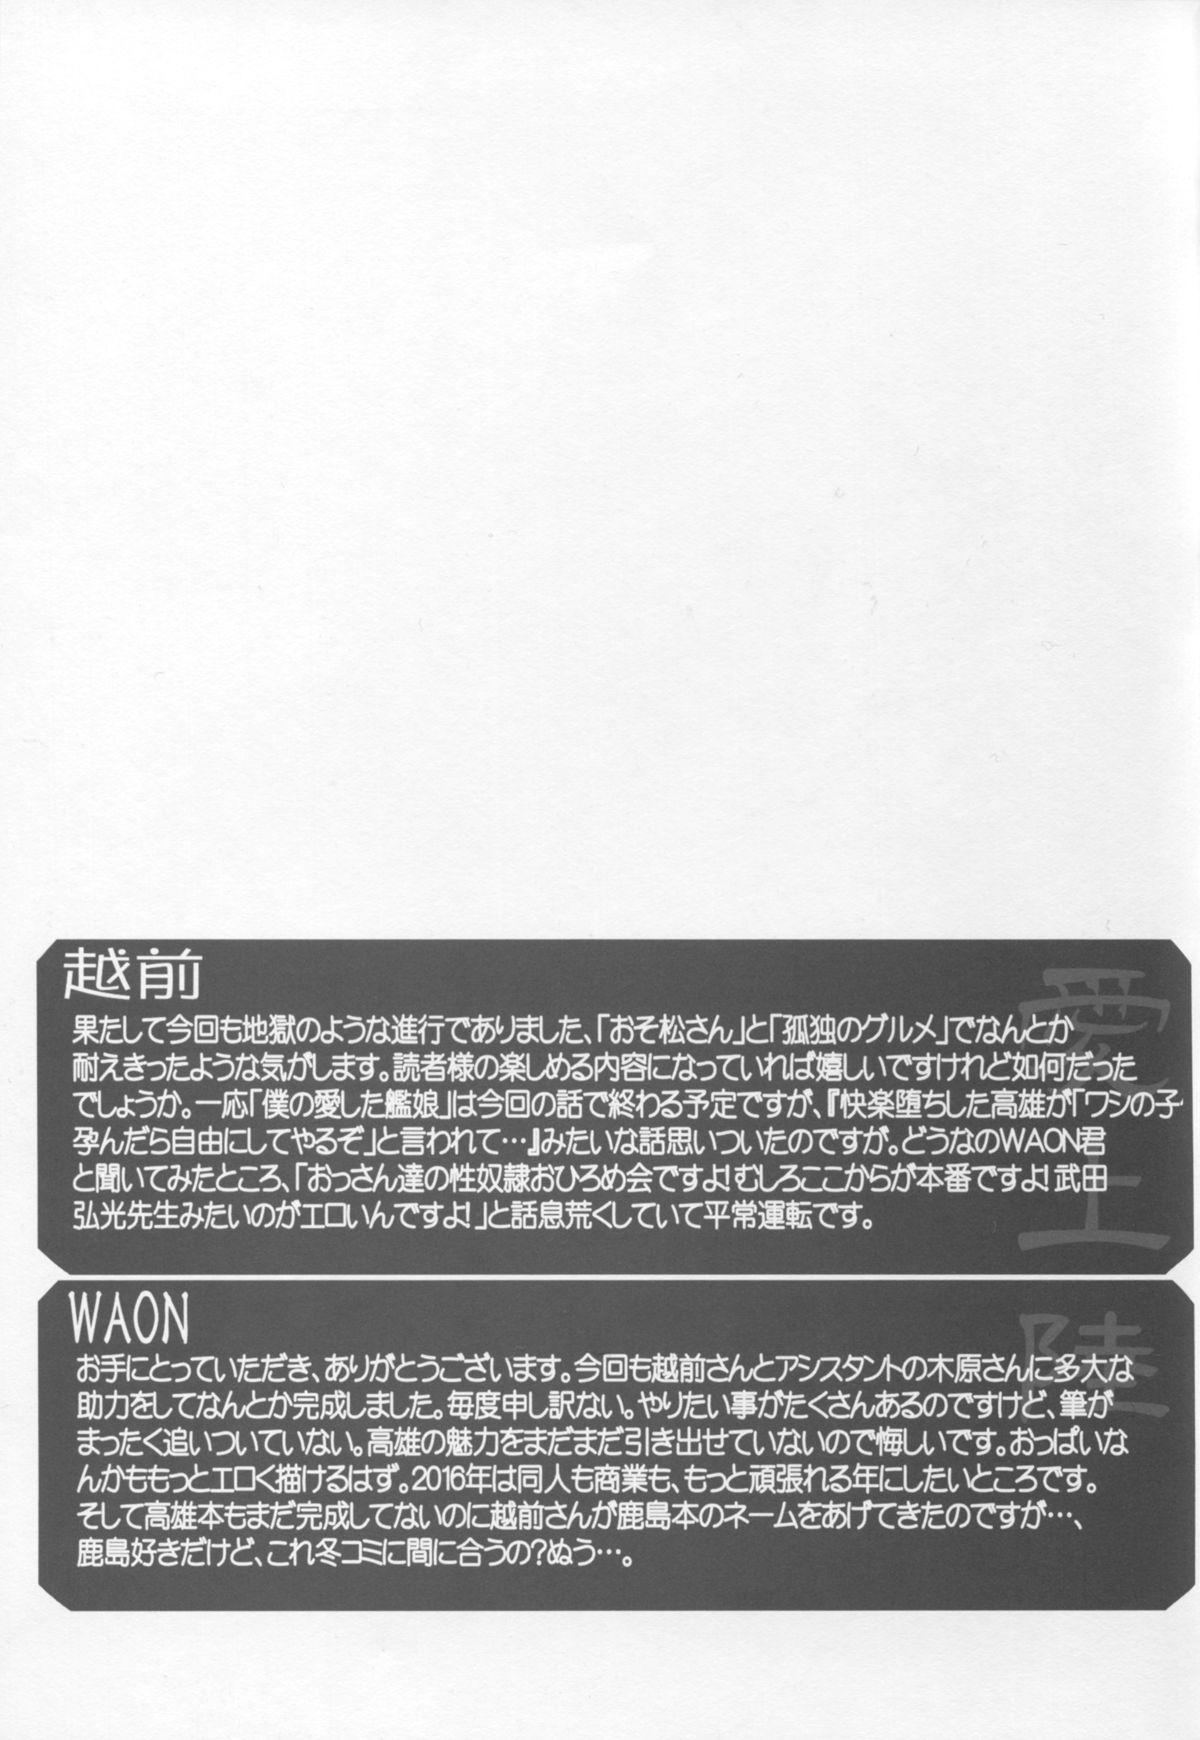 Boku no Aishita Kanmusu 2 | My Beloved Ship Girl 2 47